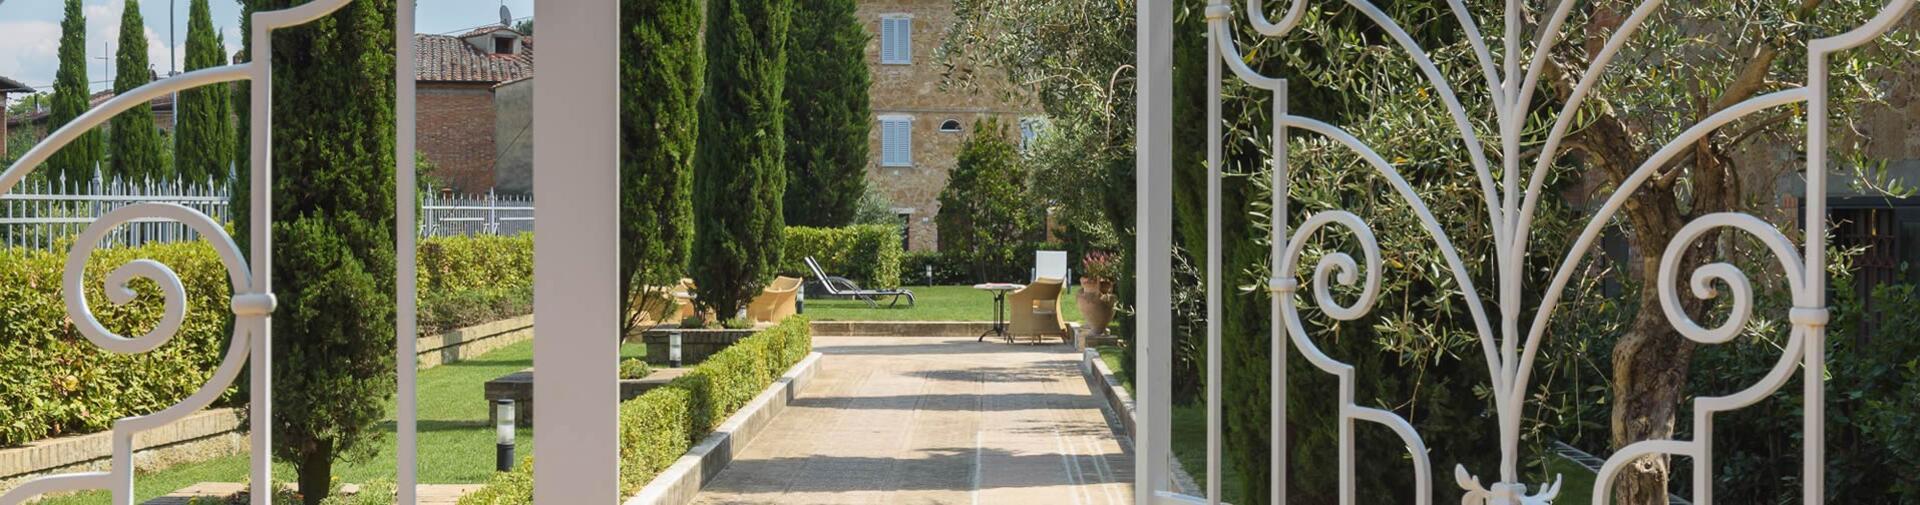 hotelsangregorio fr offres-vacances-pienza 005